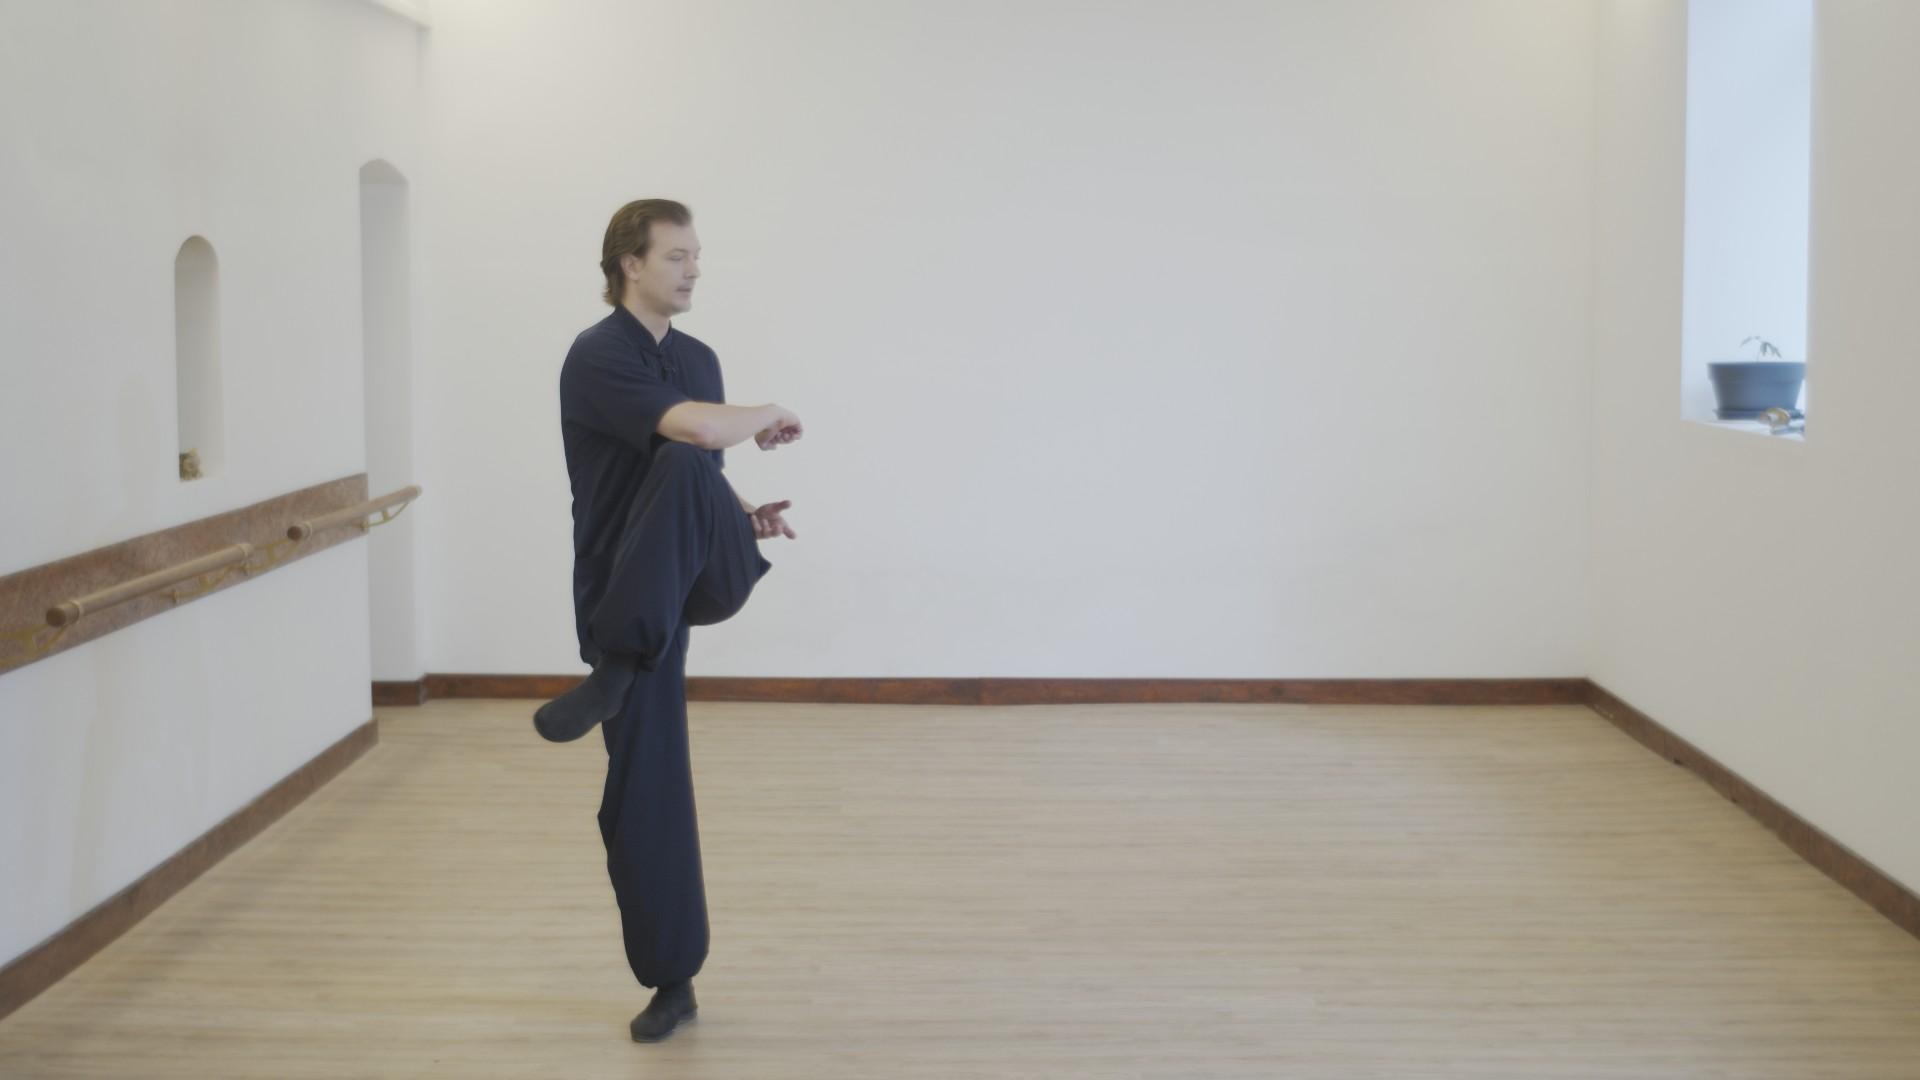 Master Ziji Jibenquan